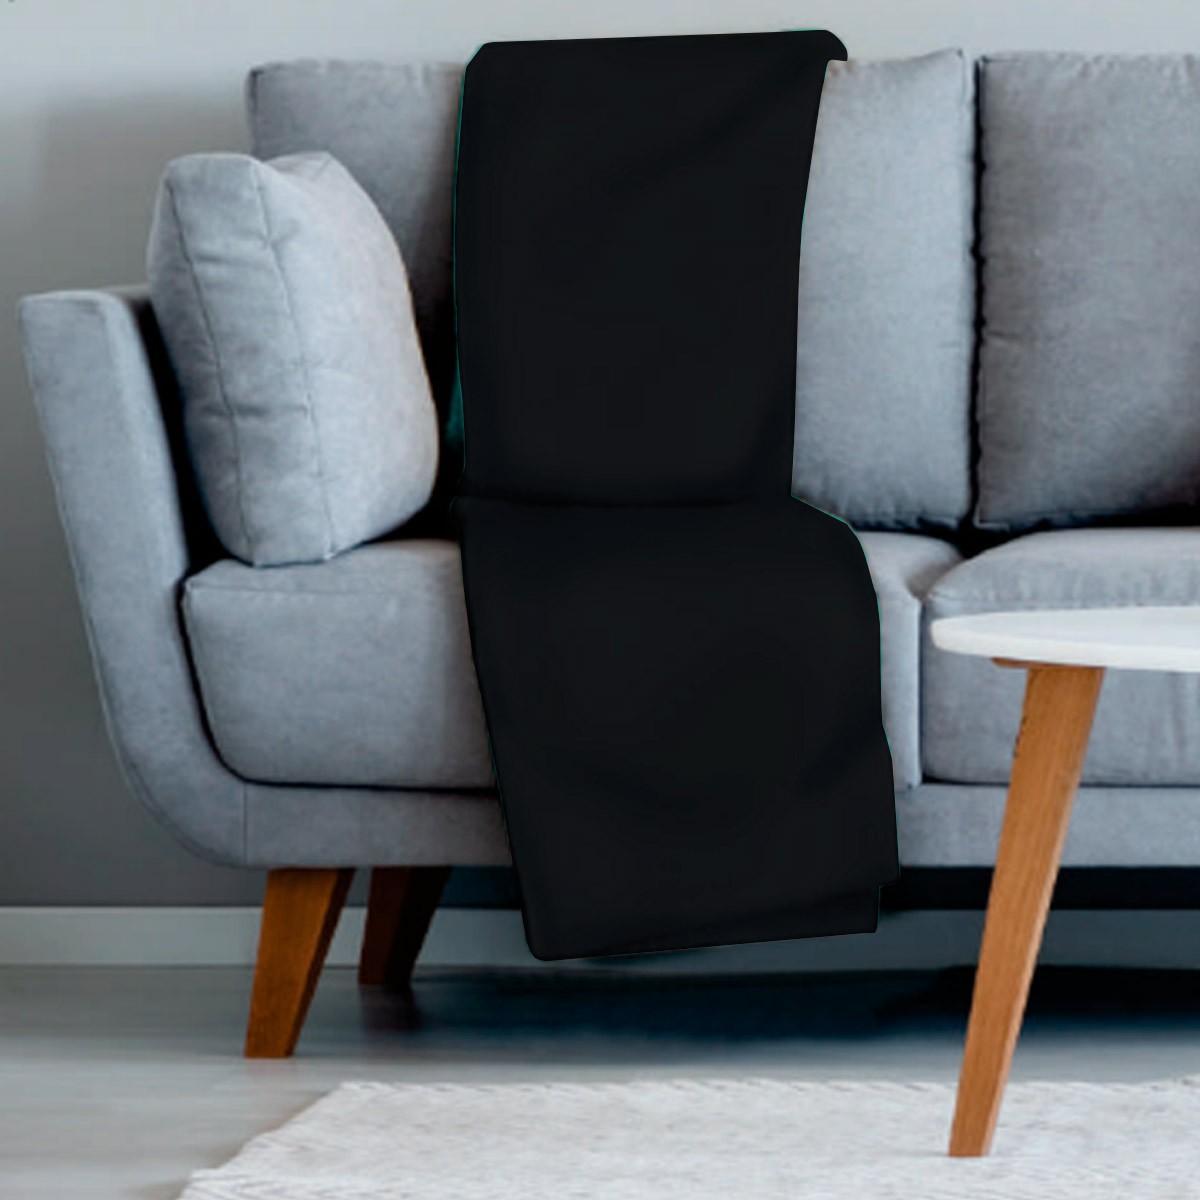 Manta sofa veludo 210x140 PRETO